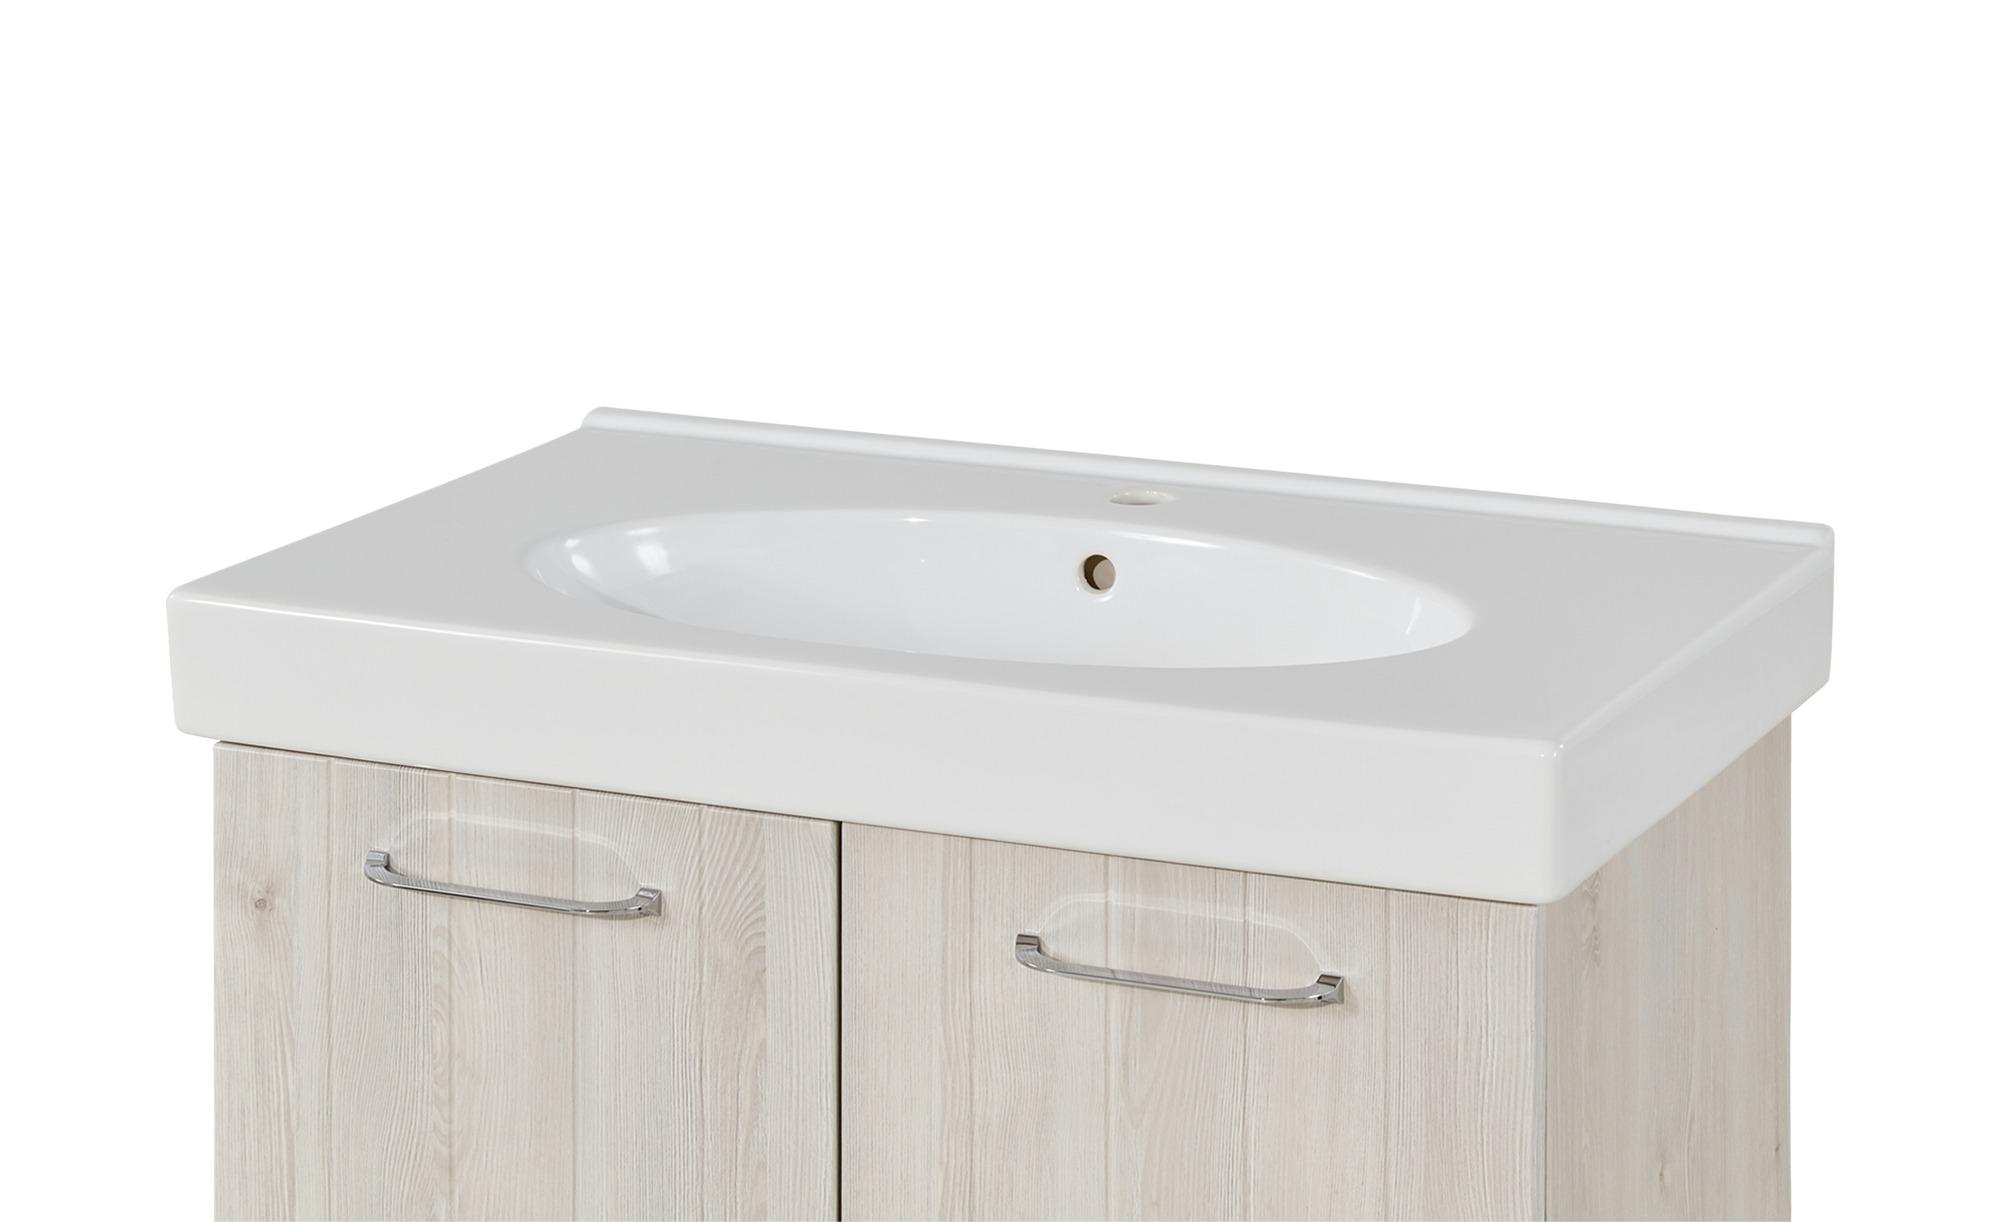 calmo2go Waschtisch - weiß - 80 cm - 7 cm - 48 cm - Schränke > Badschränke  > Sanitär-Armaturen - Möbel Kraft